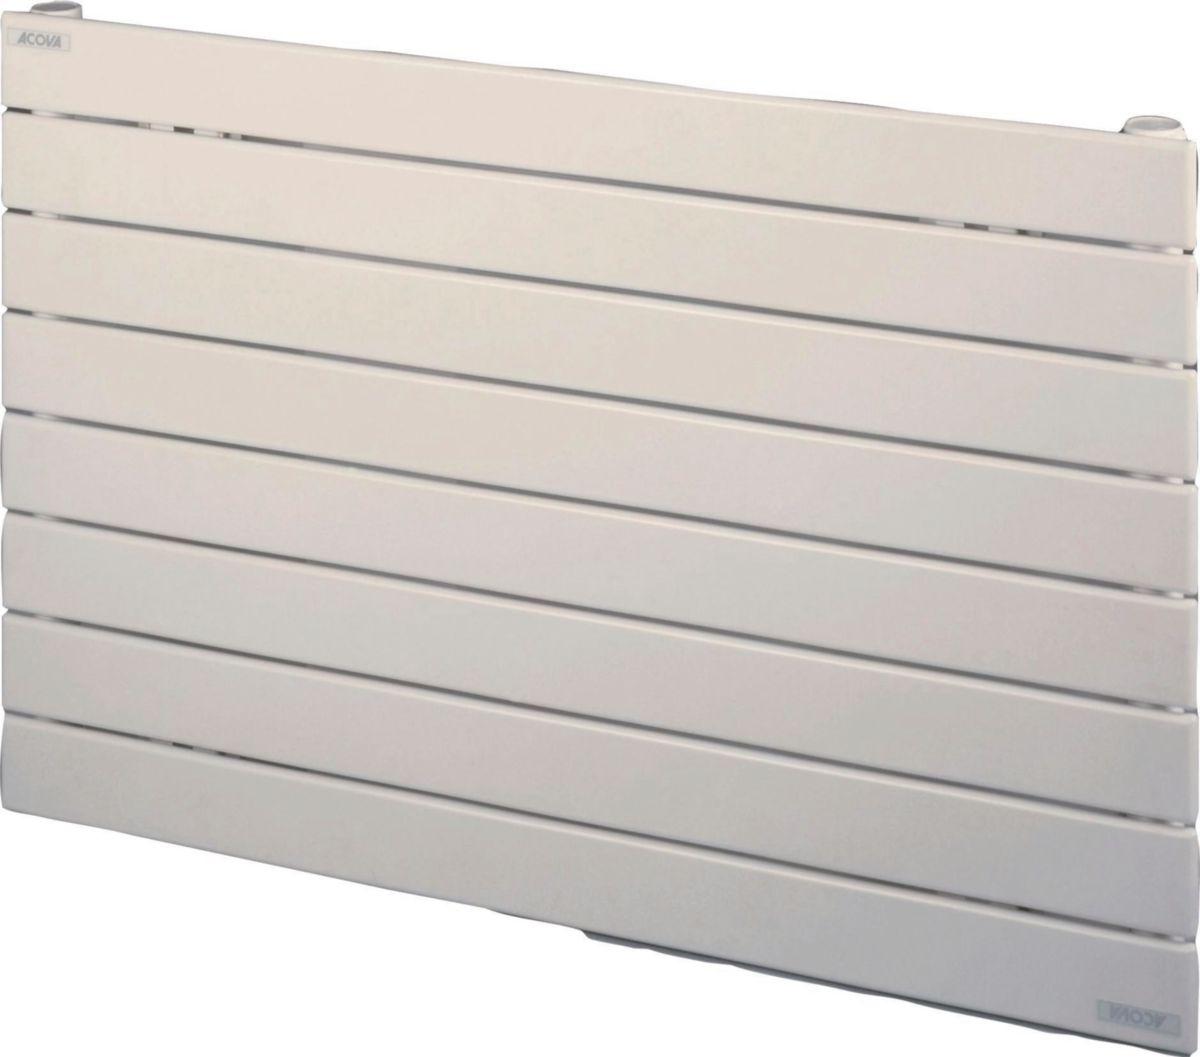 ACOVA - Radiateur FASSANE eau chaude horizontal simple 532 w haut 592  largeur 800 8 éléments blanc réf. VX-059-080 | Cedeo